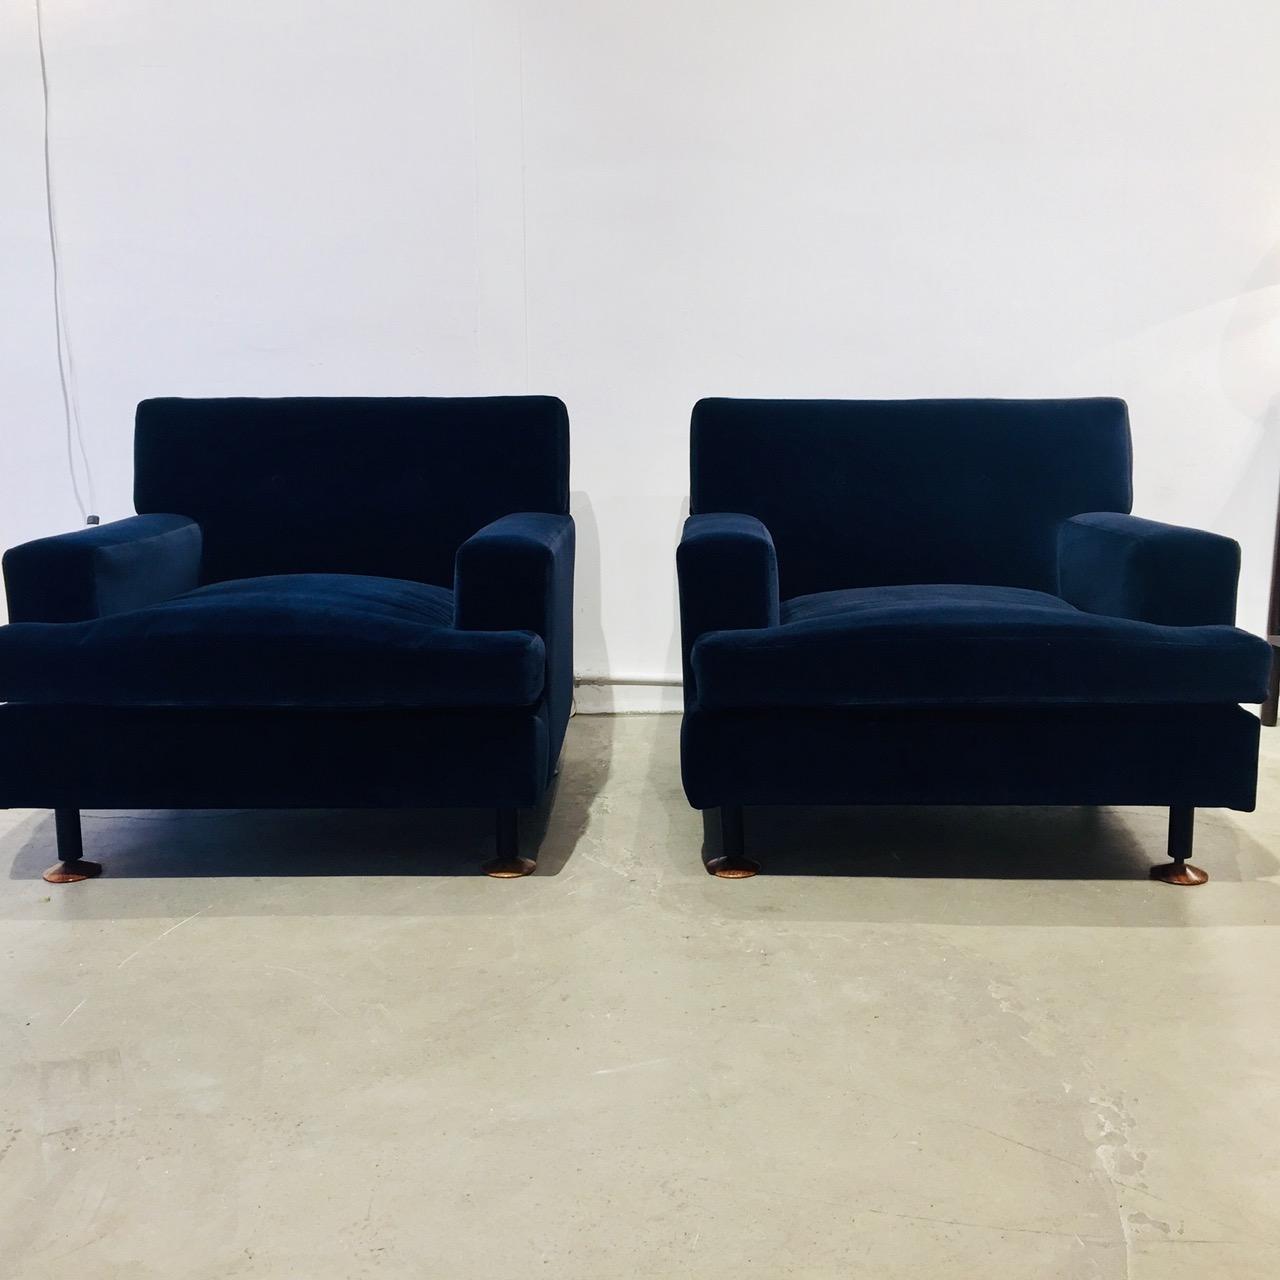 Paire de fauteuils , modèle Square, design Marco Zanuso